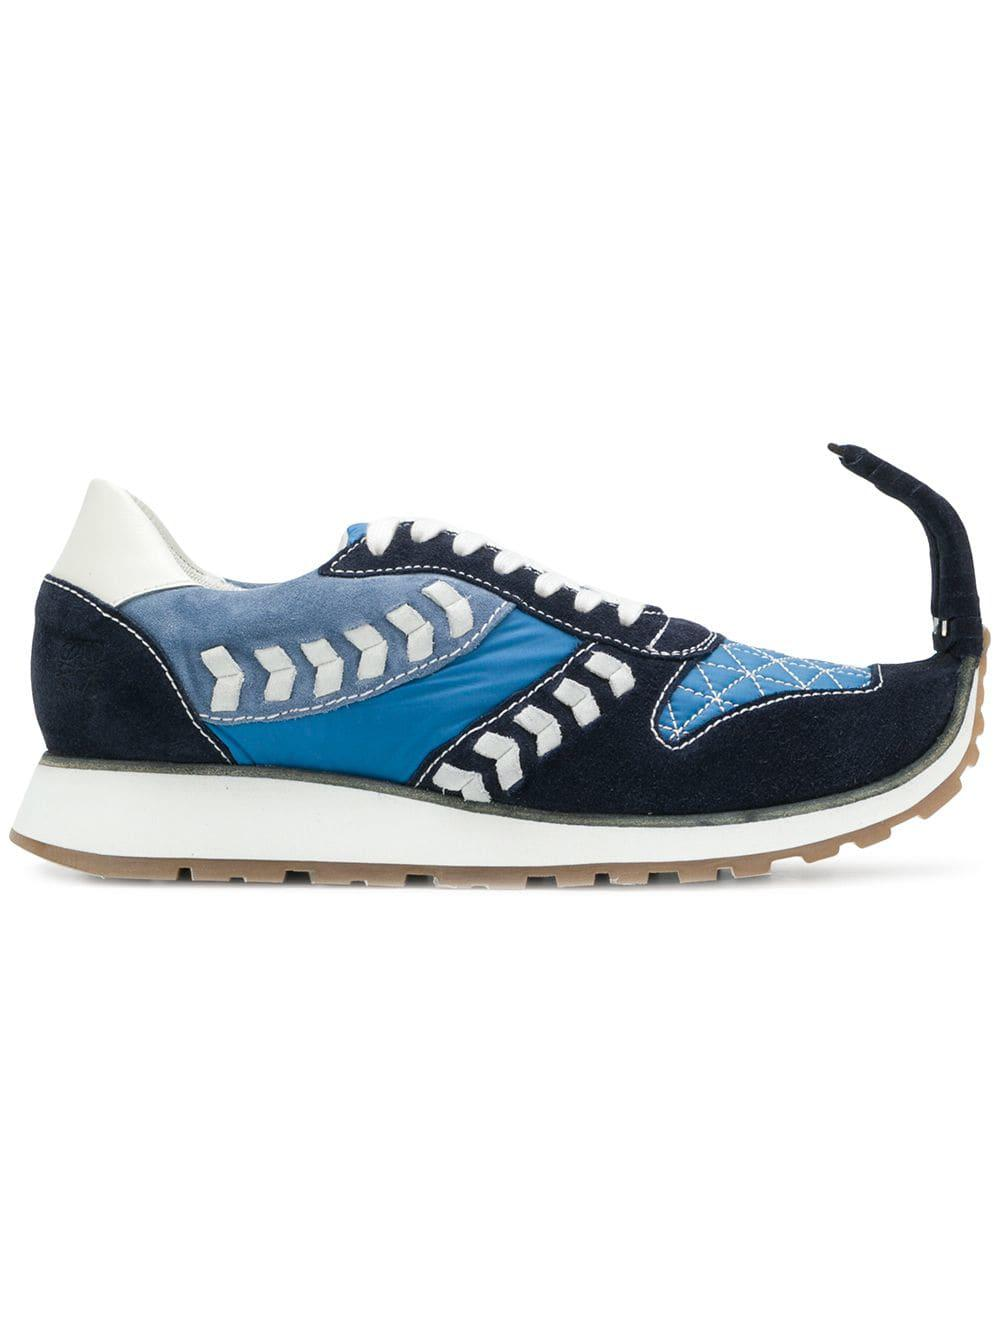 Loewe Leather Dinosaur Sneakers in Blue